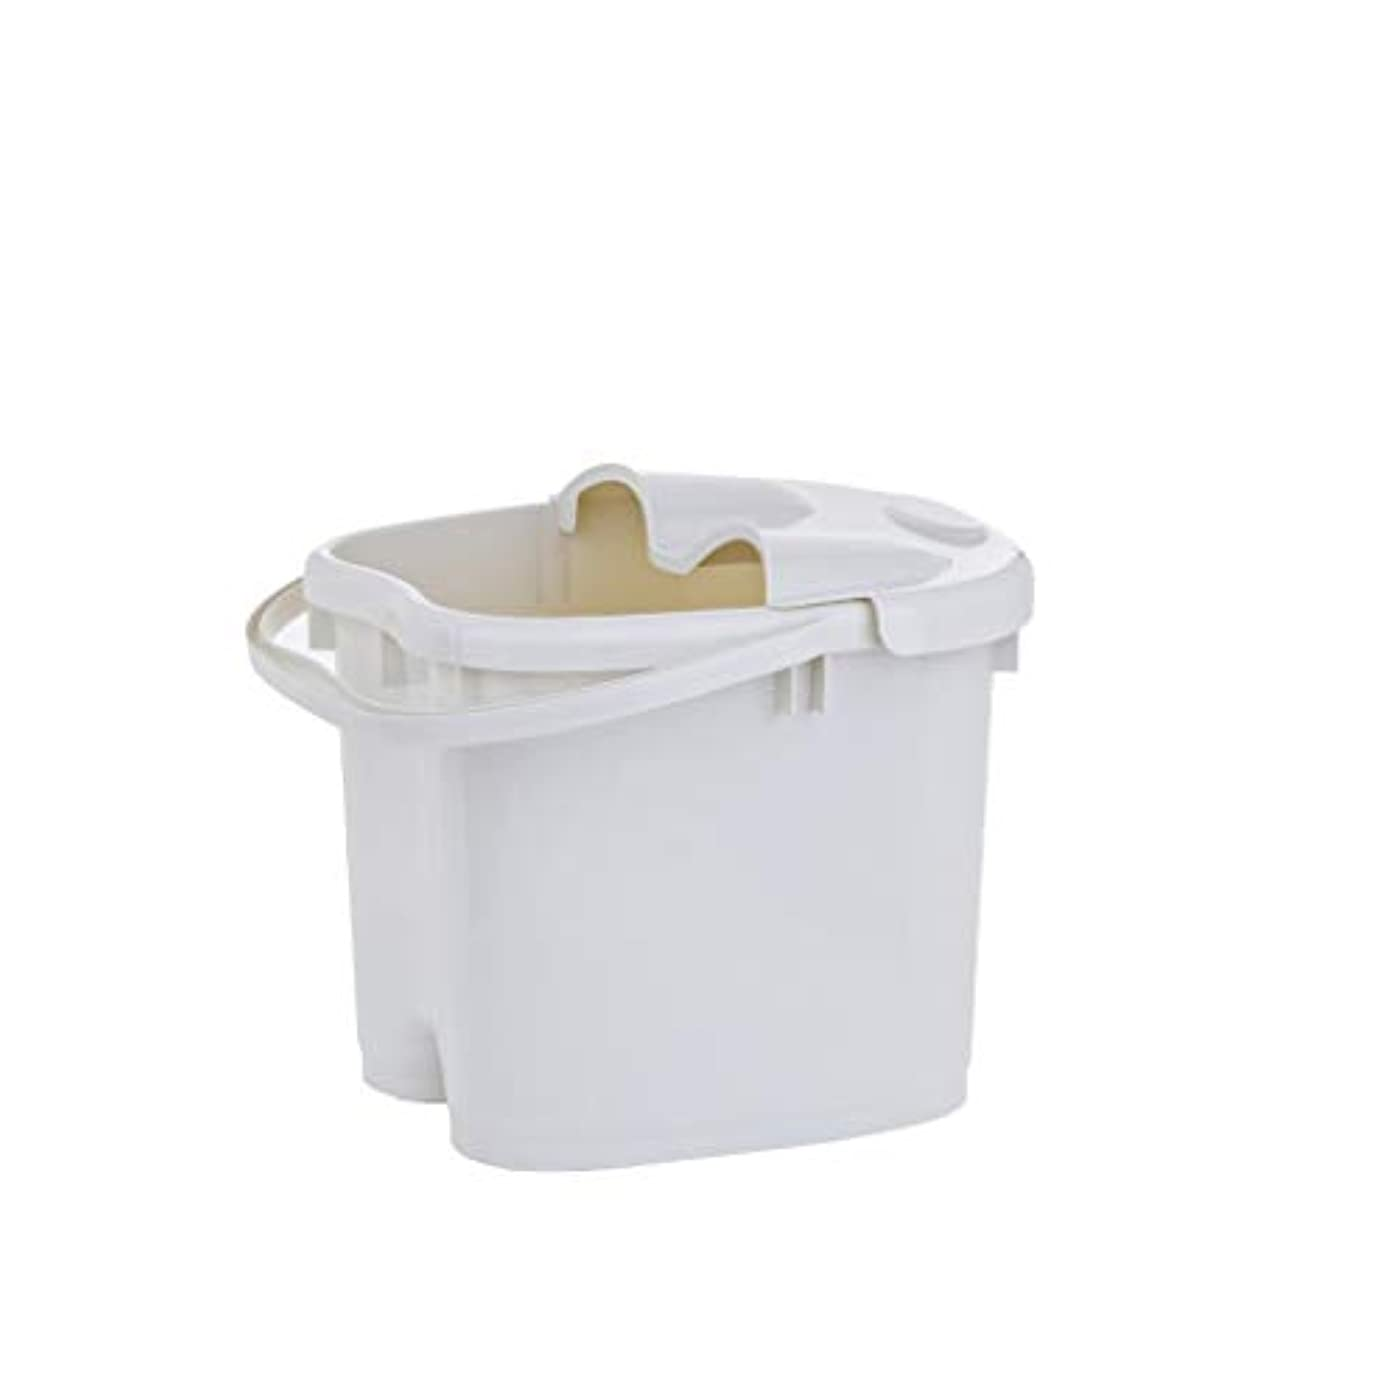 スリムスポットスキムBB- ?AMT携帯用高まりのマッサージの浴槽のふたの熱保存のフィートの洗面器の世帯が付いている大人のフットバスのバケツ 0405 (色 : 白, サイズ さいず : 30.5cm high)